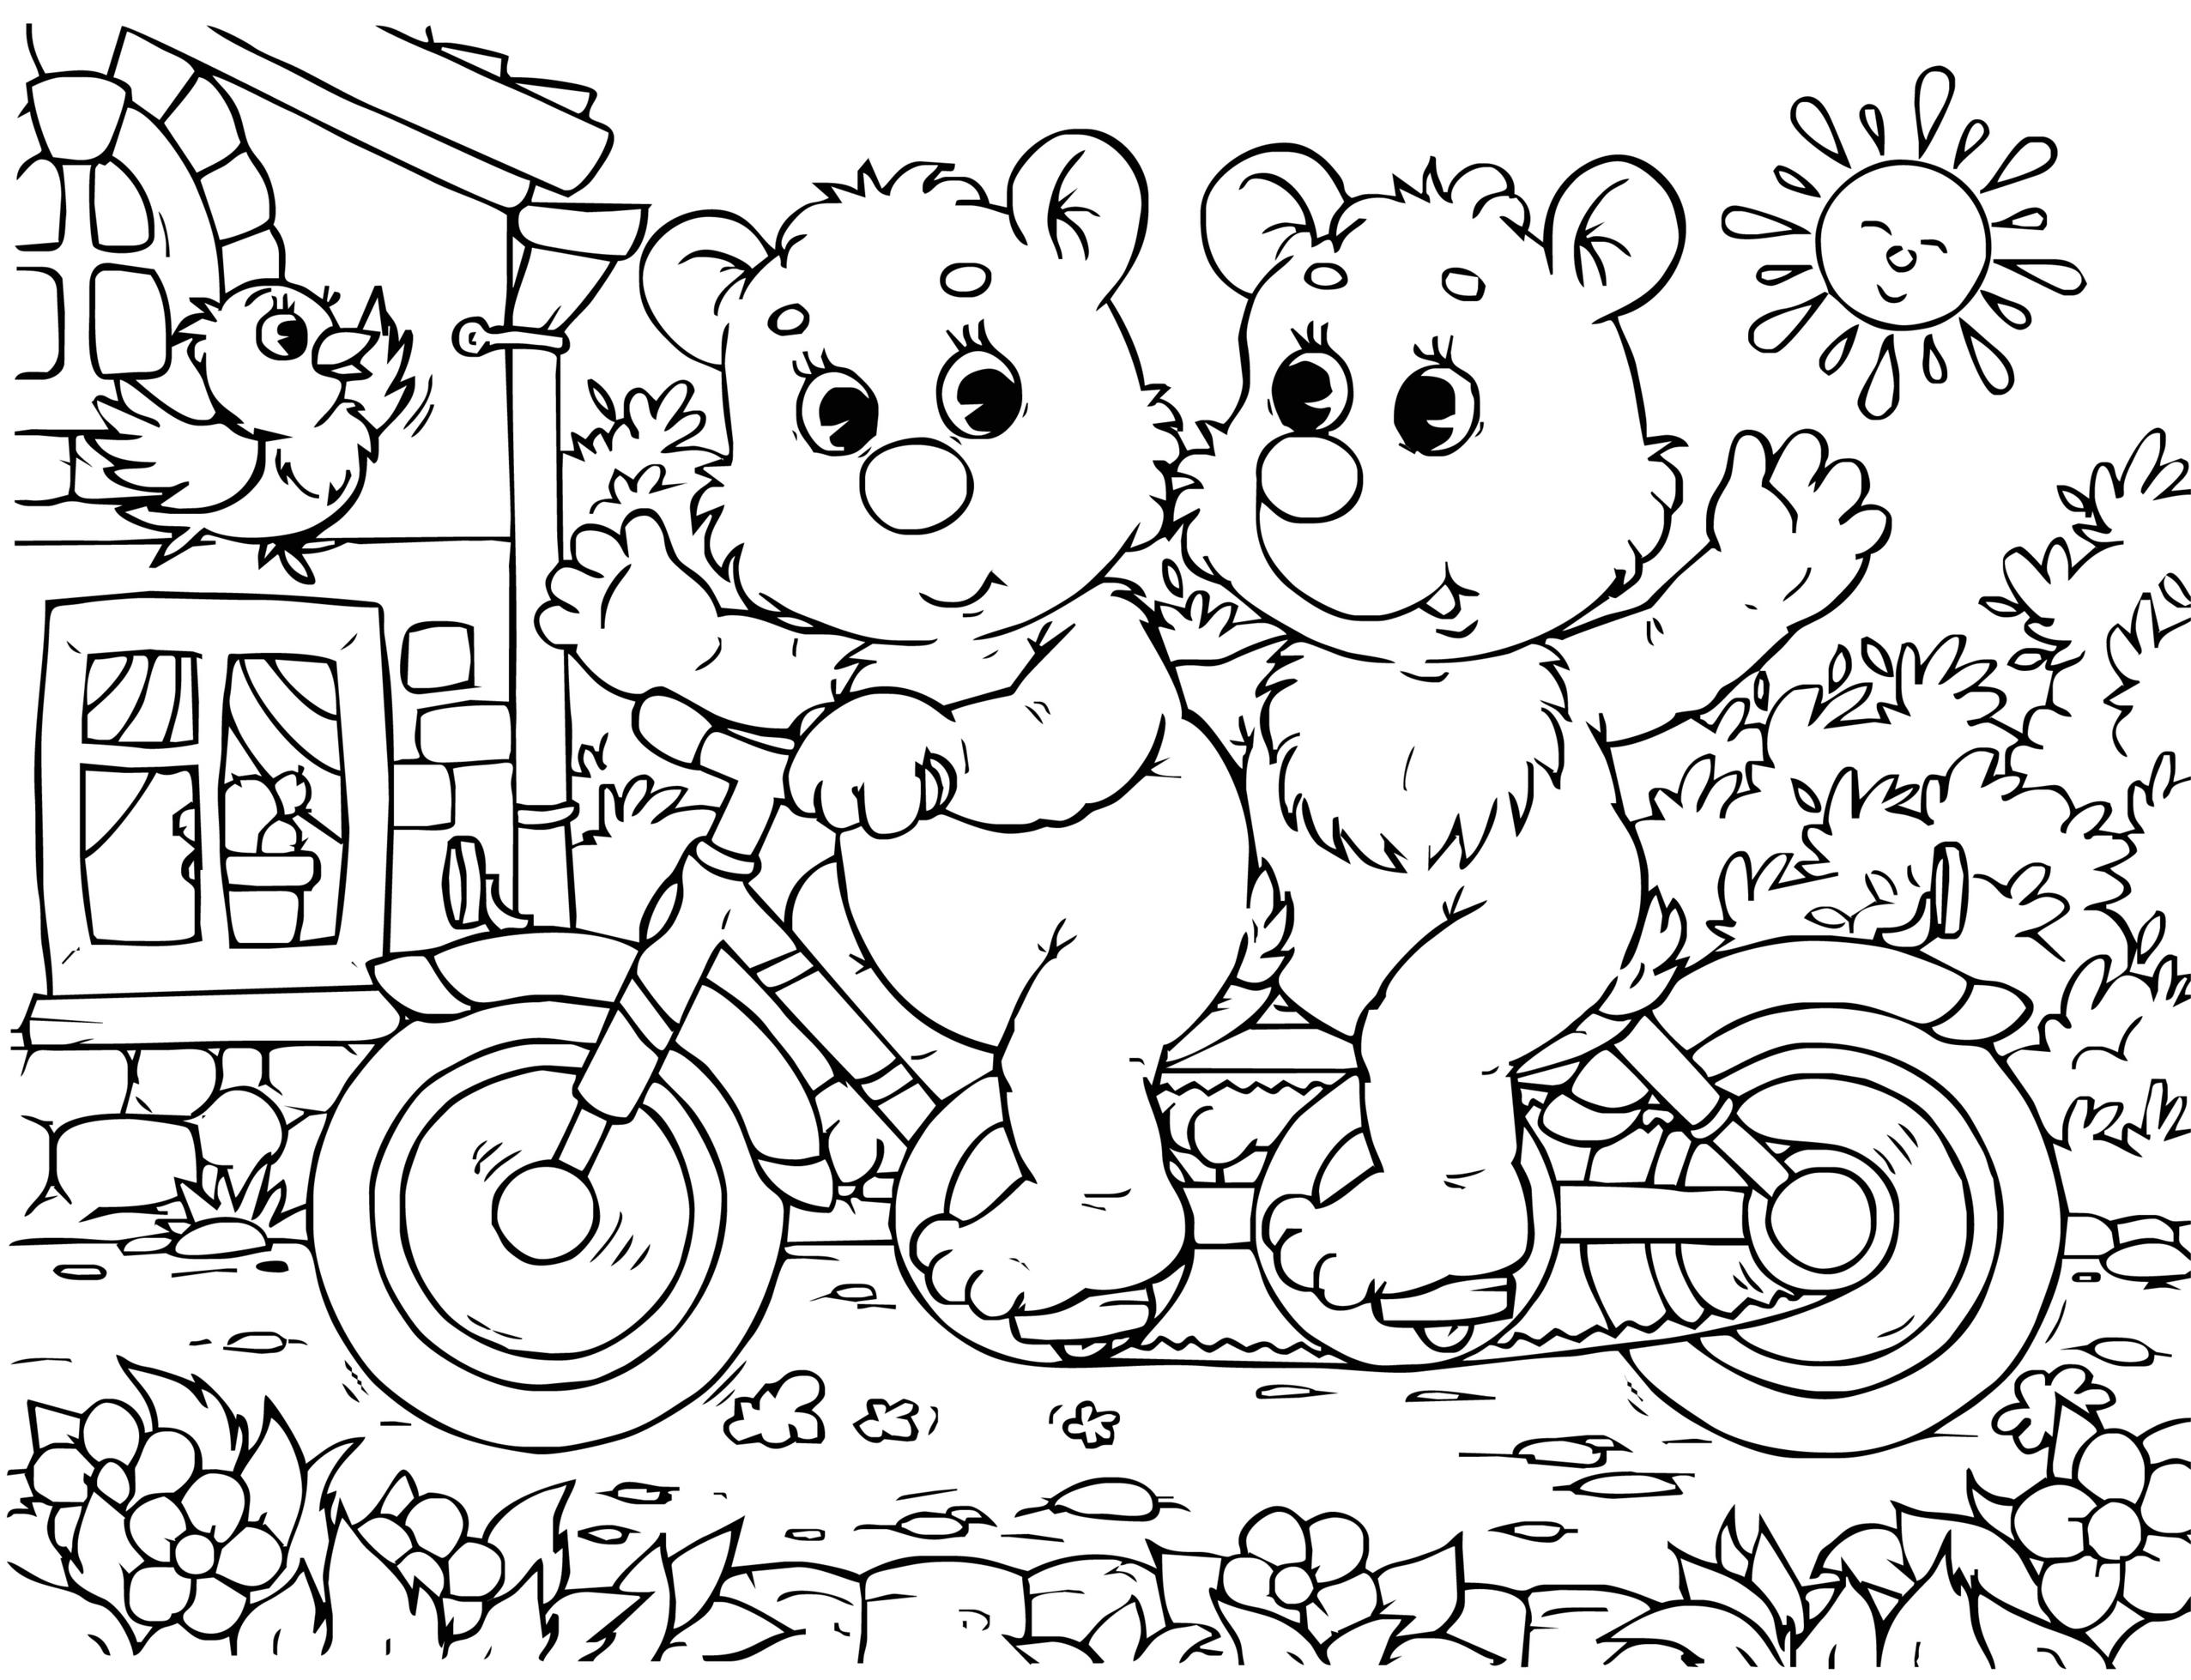 sfatulparintilor.ro_planse de colorat_doi ursuleti comici pe bicicleta